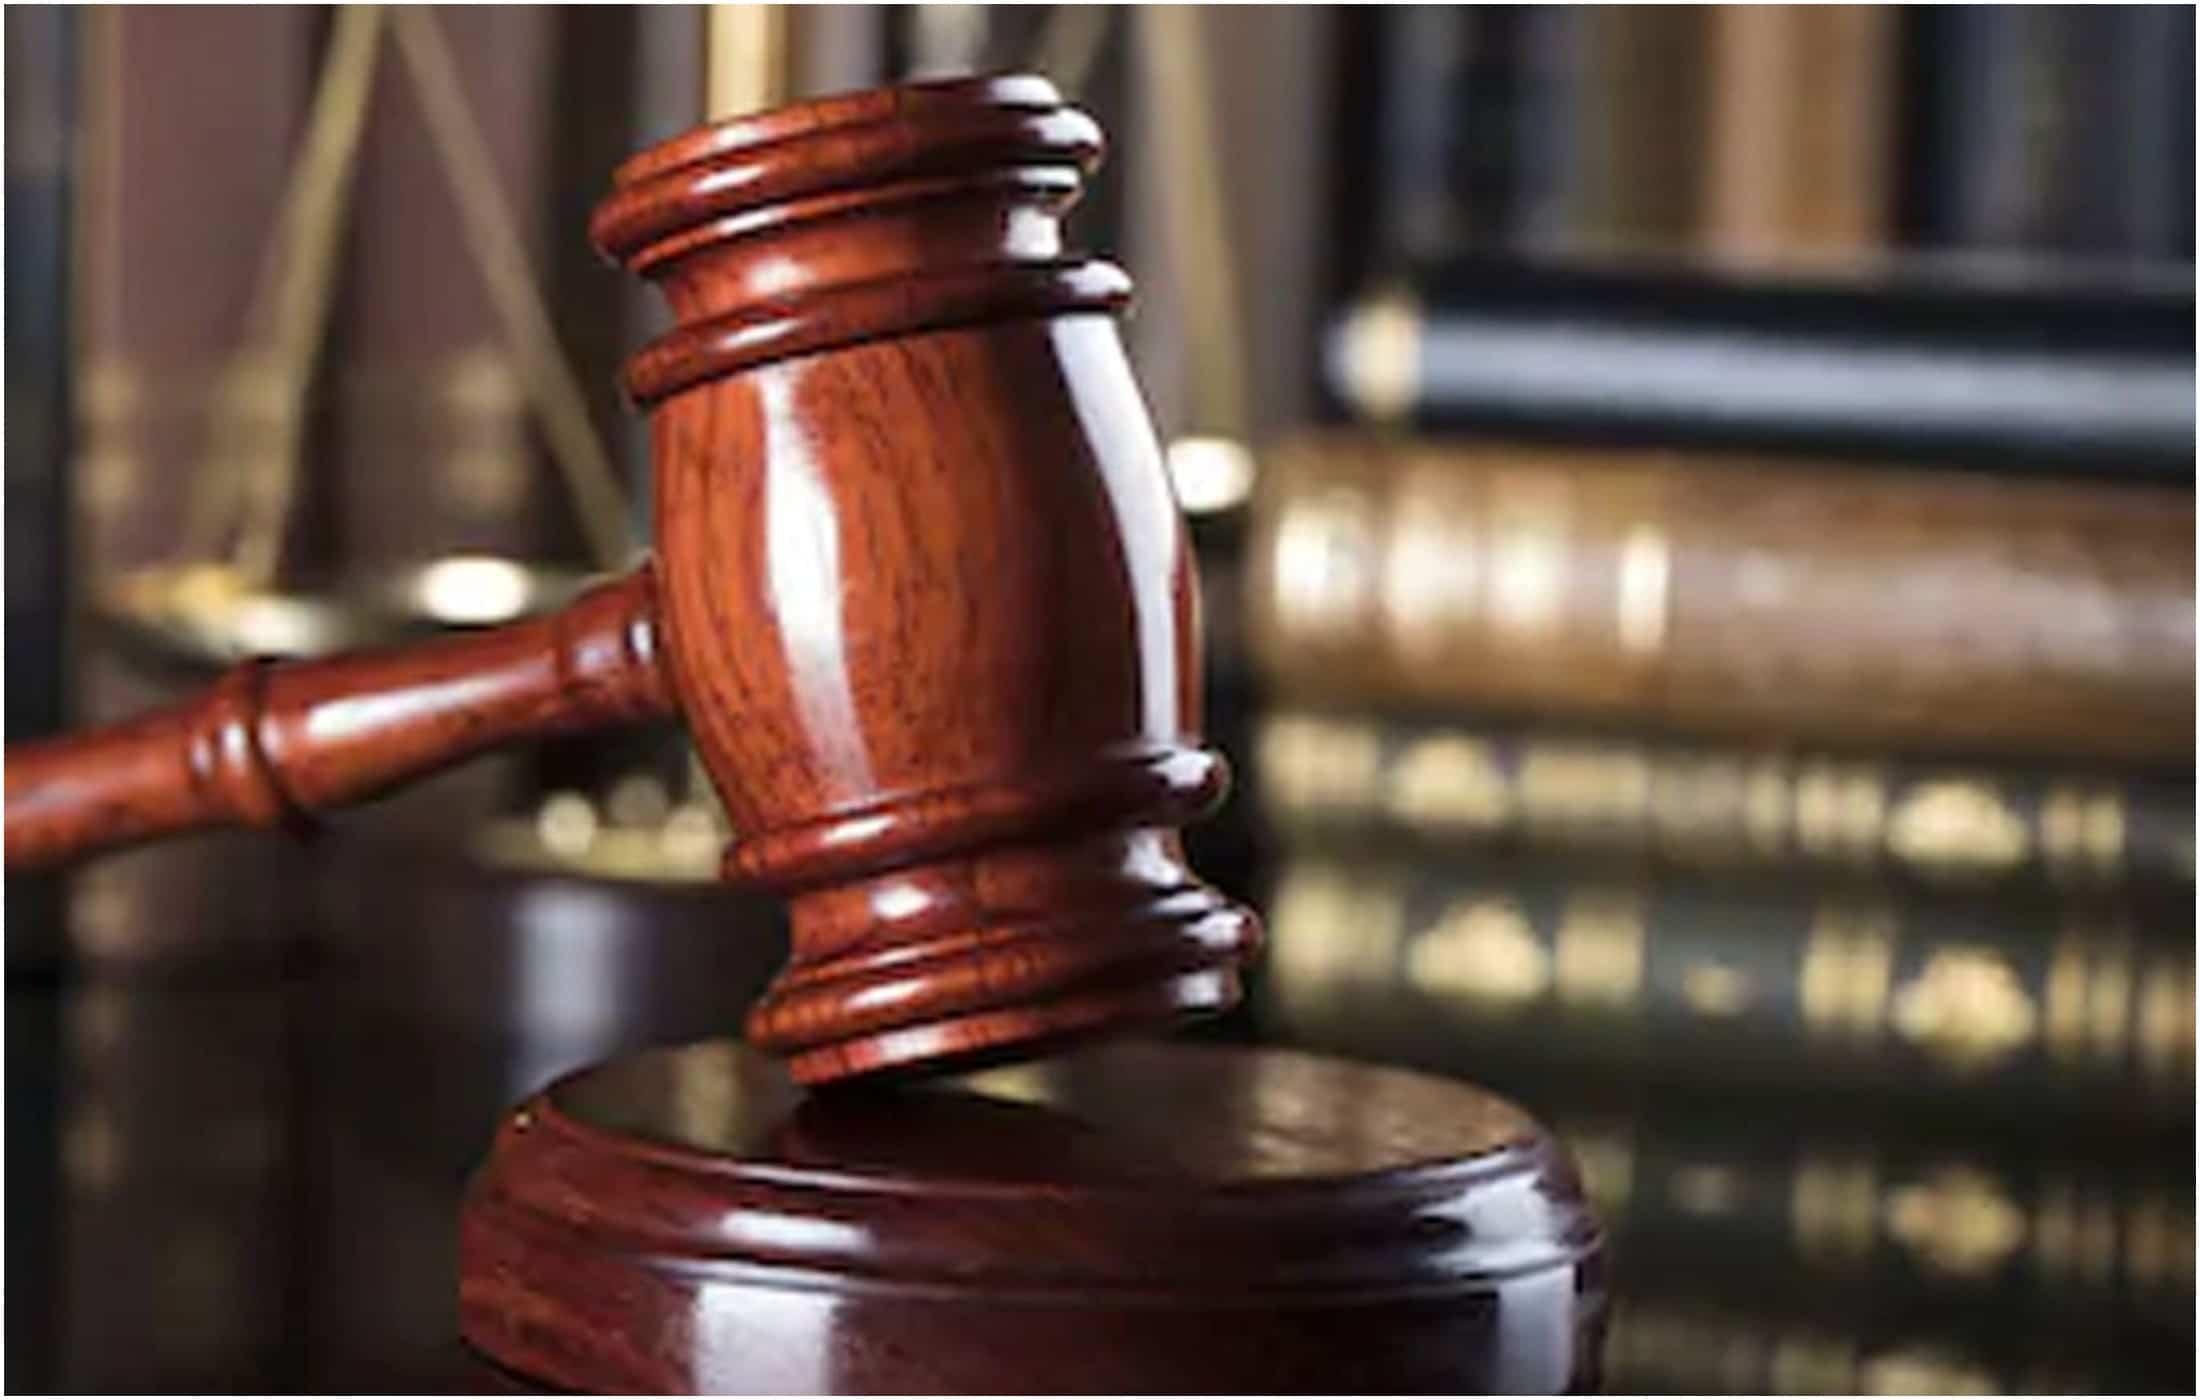 Lawmaker suspended in Benue